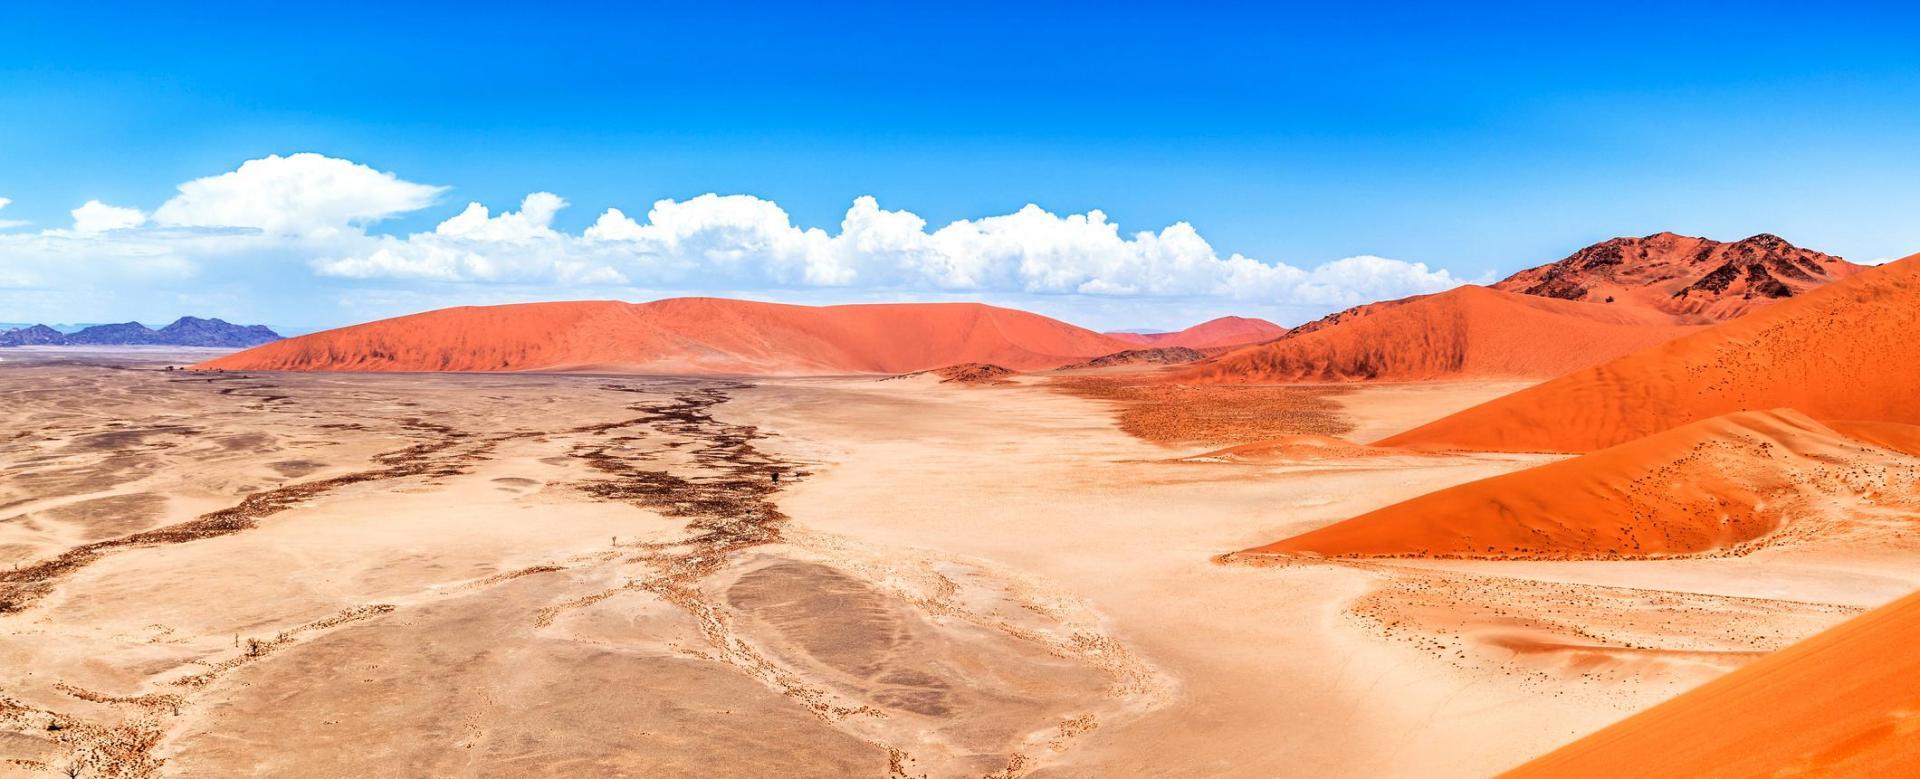 Voyage à pied : Le tour de namibie en 13 jours